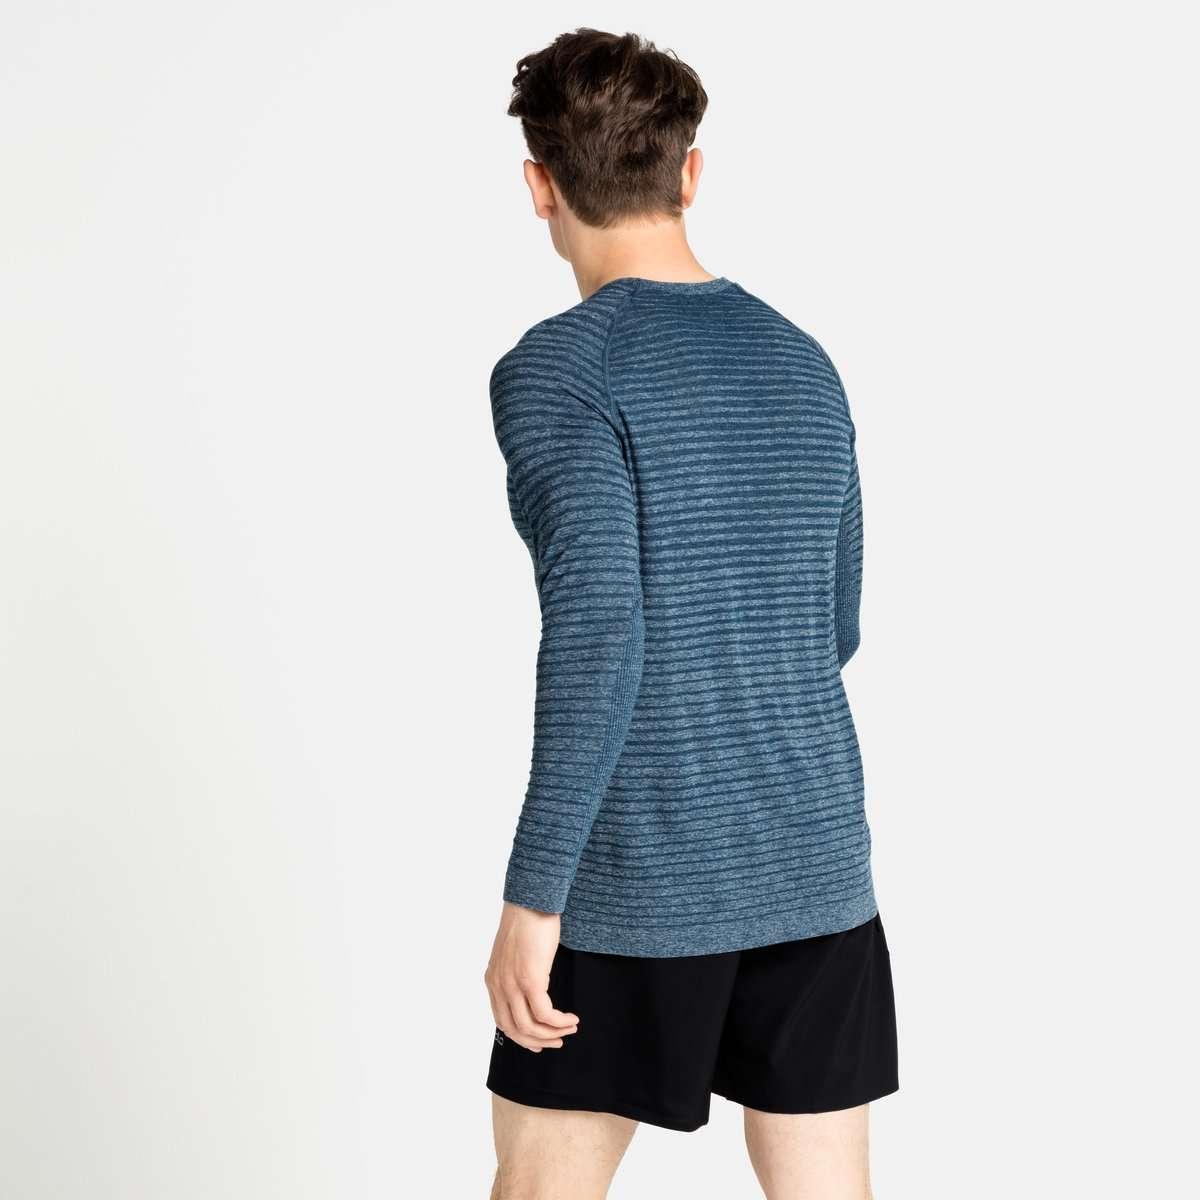 Odlo Essential Seamless Crew Neck Hardloopshirt Lange Mouwen Blauw Heren